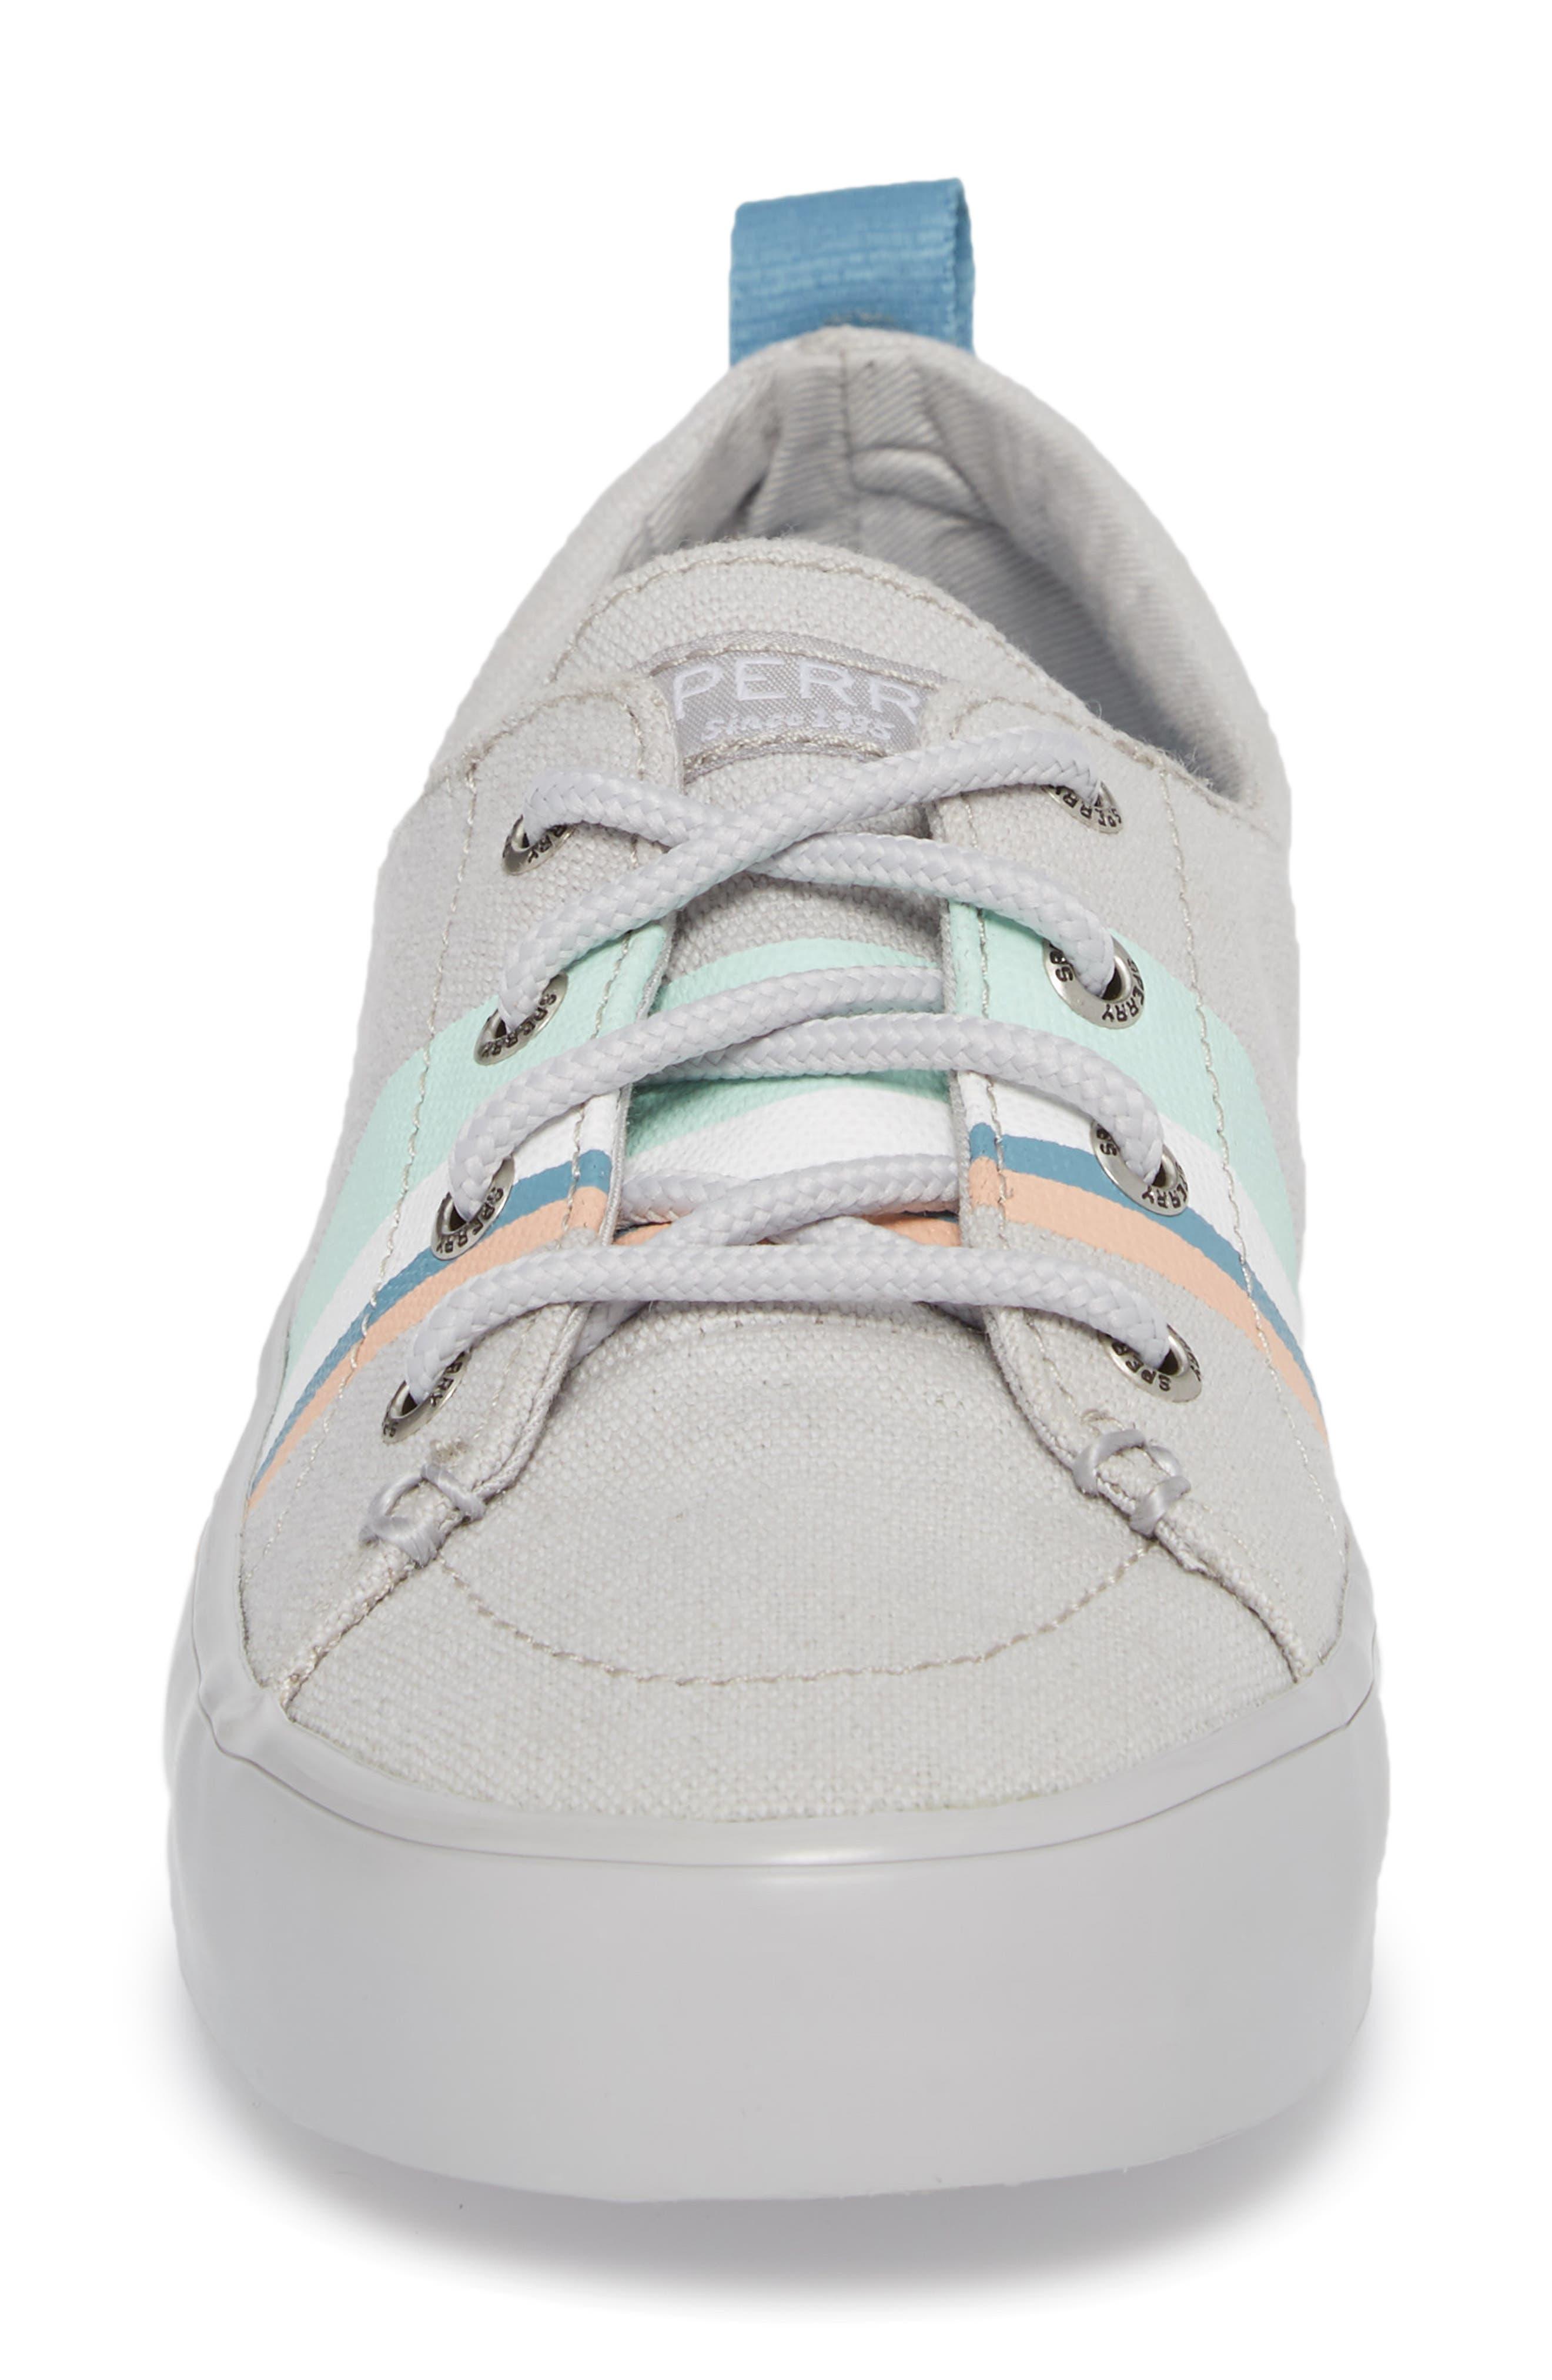 Crest Vibe Slip-On Sneaker,                             Alternate thumbnail 4, color,                             050